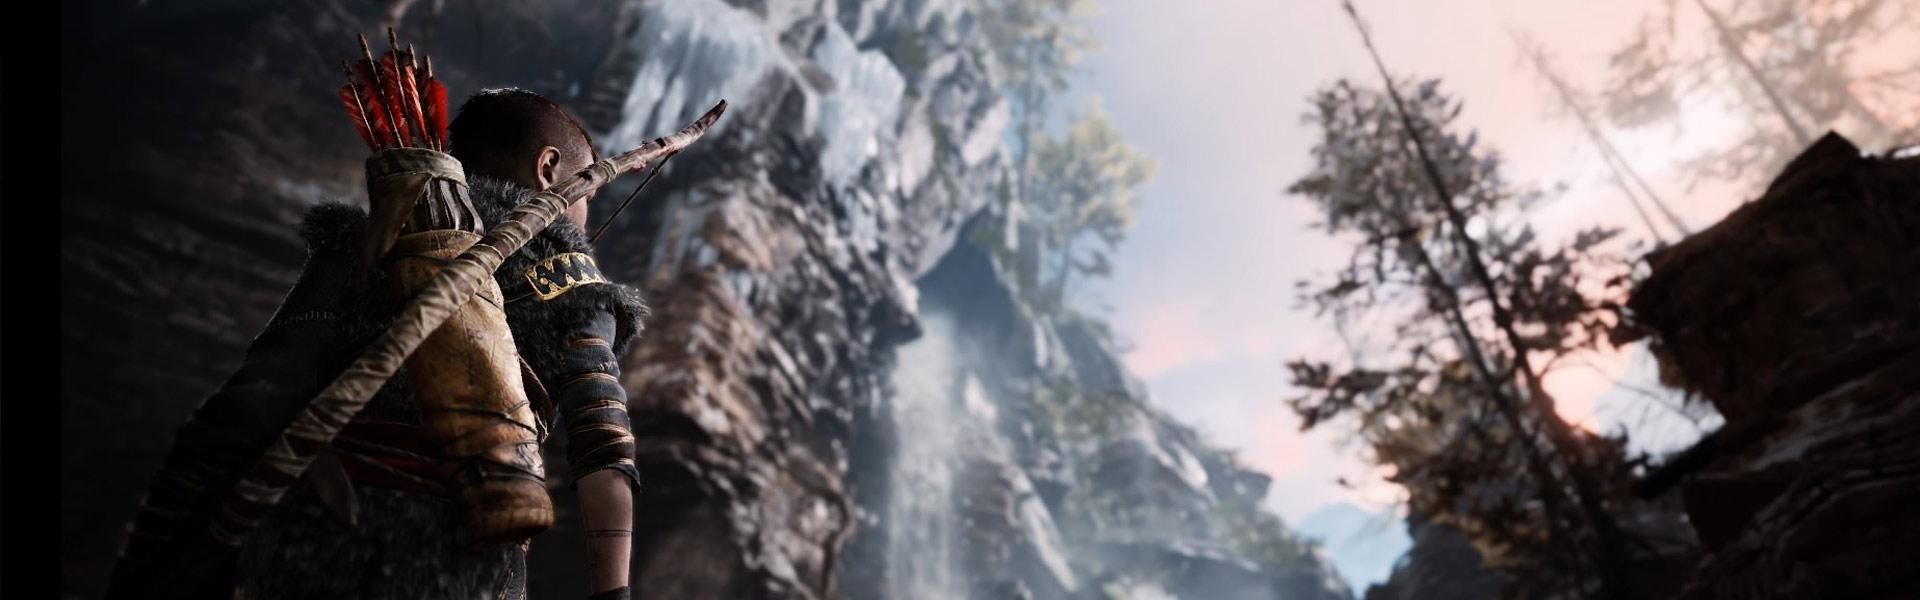 V God of War je konečně dostupný Foto mód 41276308574 e0d53b1da9 o